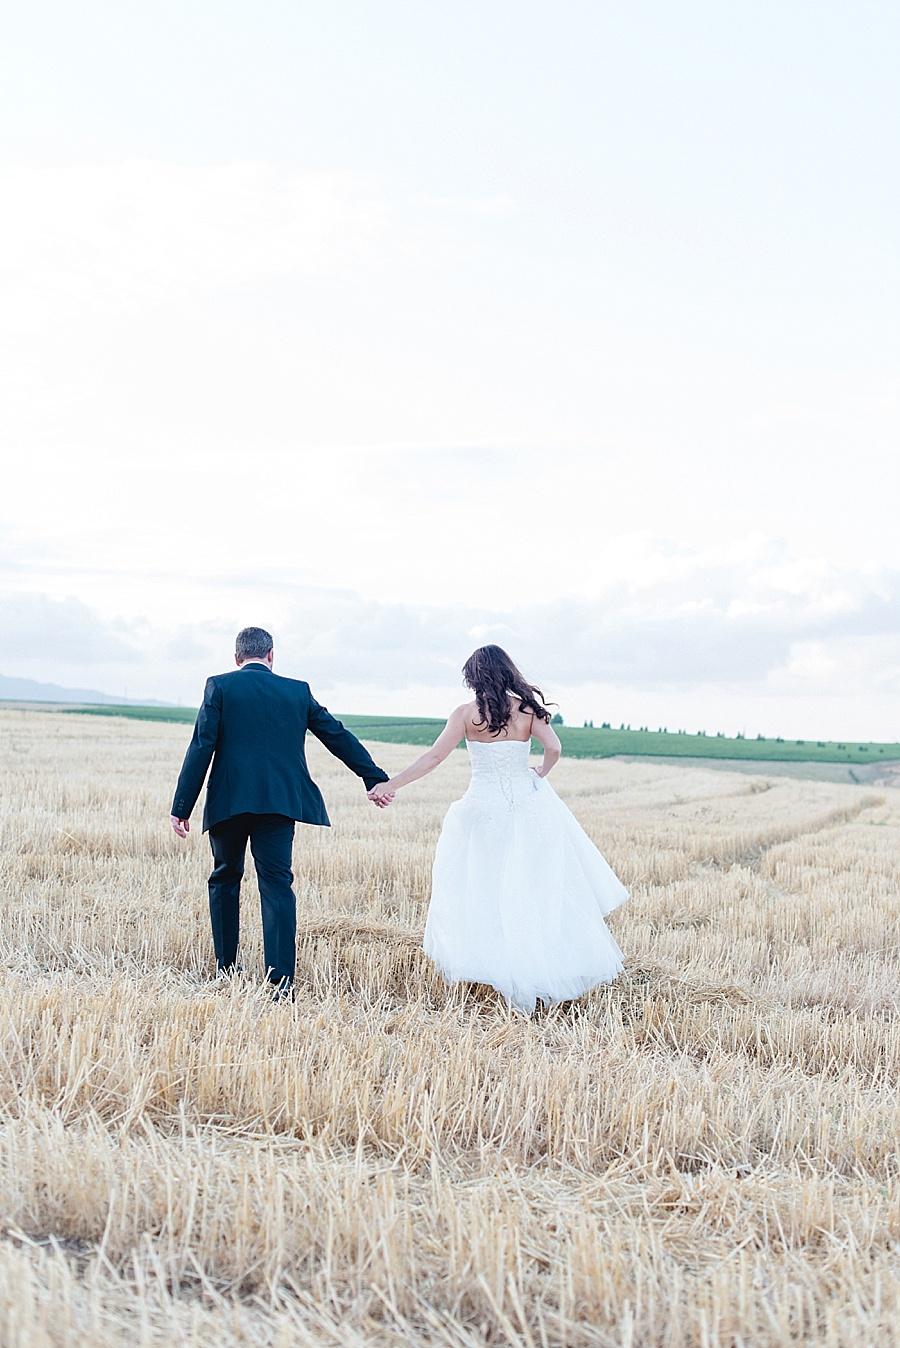 Darren Bester - Cape Town Wedding Photographer - Kronenburg - Cindy and Evan_0039.jpg